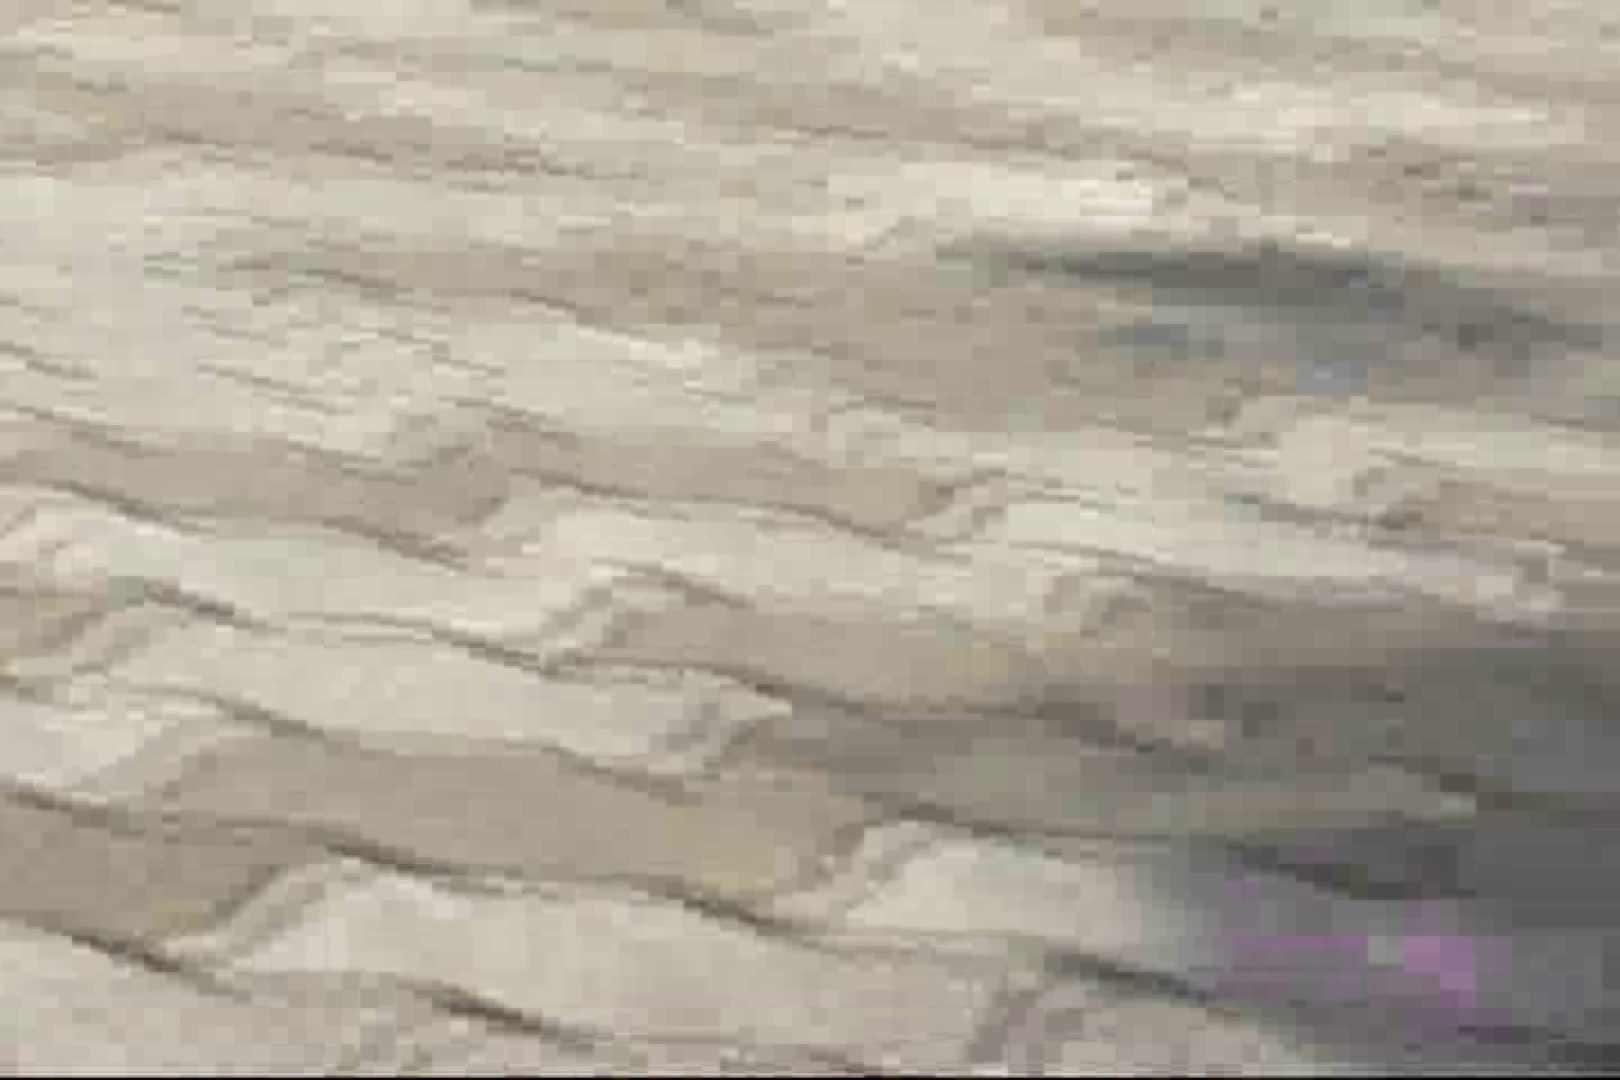 検証!隠し撮りスカートめくり!!Vol.2 OLヌード天国  90PIX 10